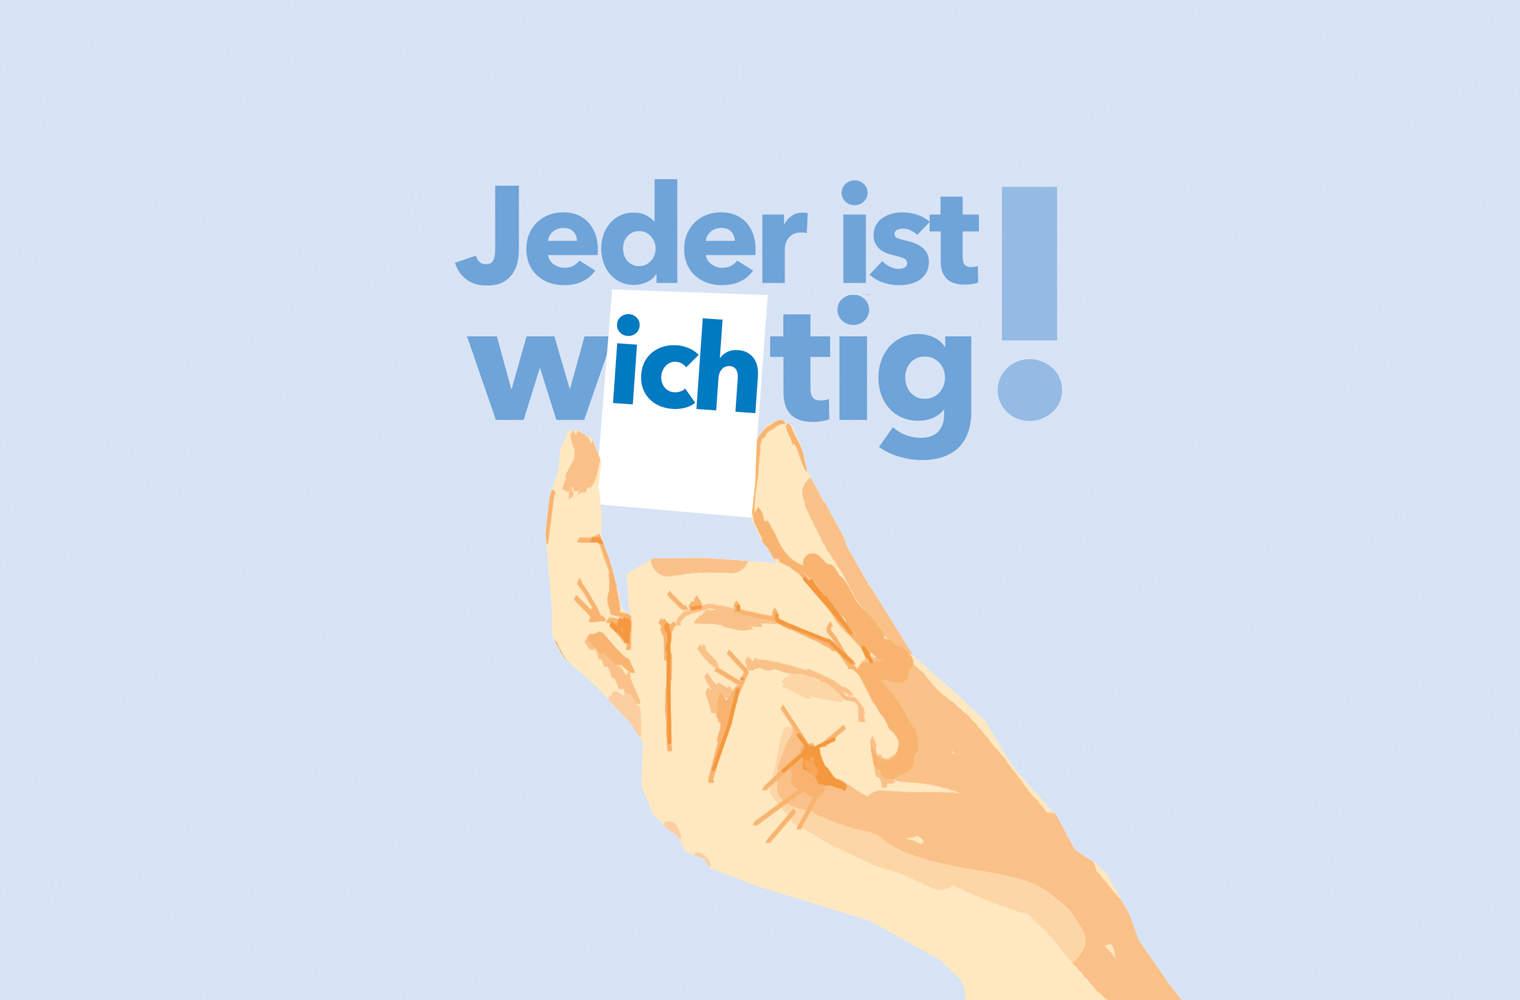 """Die Illustration von Eva-Maria Gugg zeigt eine Hand, die mit zwei Fingern in den Schriftzug """"Jeder ist wichtig"""" den Buchstabenteil """"ich"""" einfügt."""